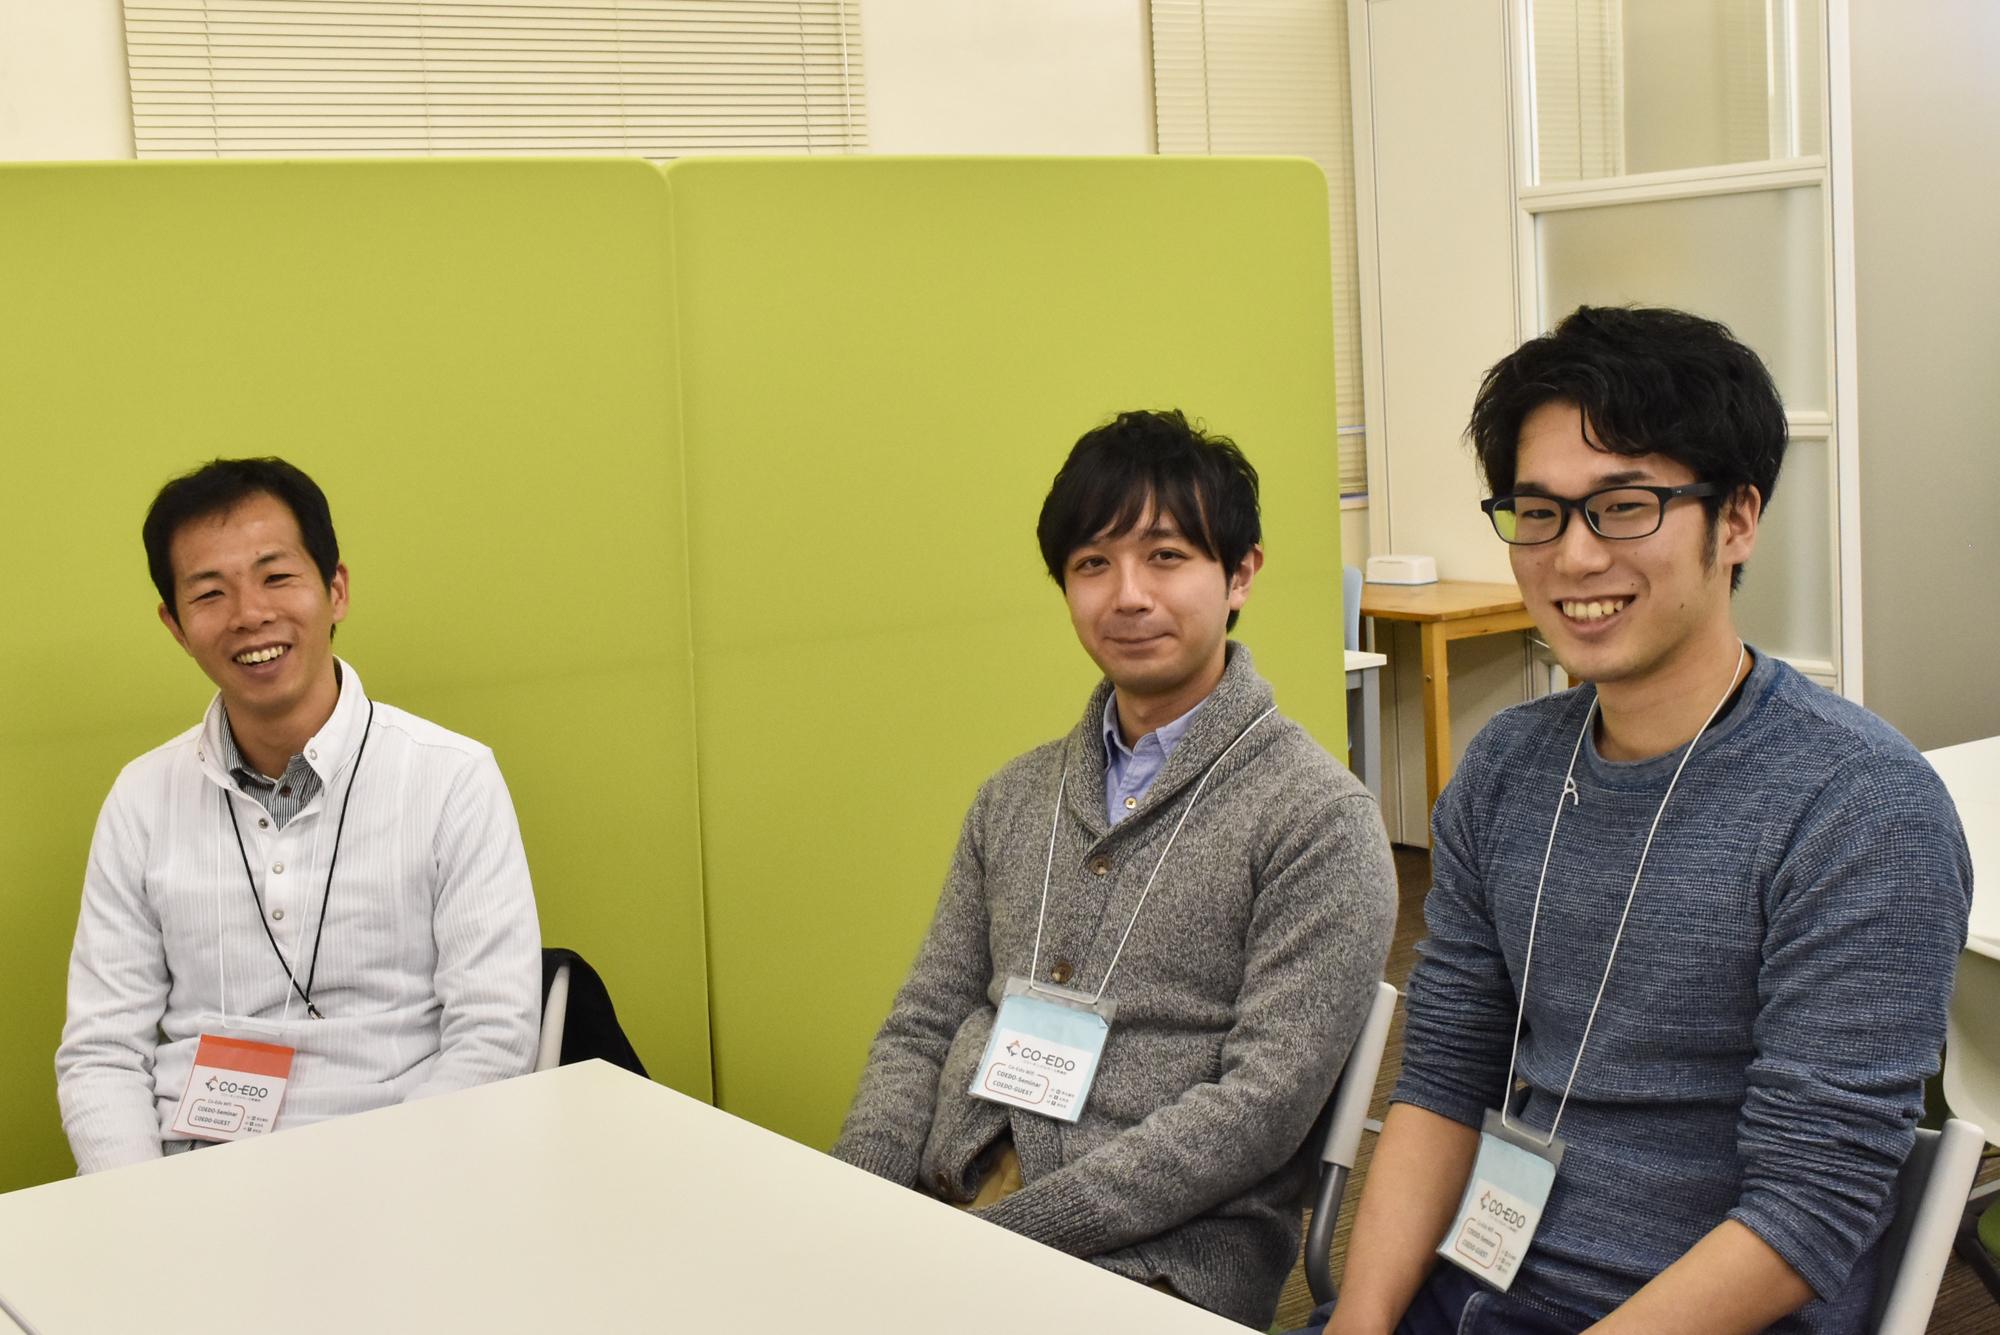 庄子さん(左)、鈴木さん(中)、石川さん(右)